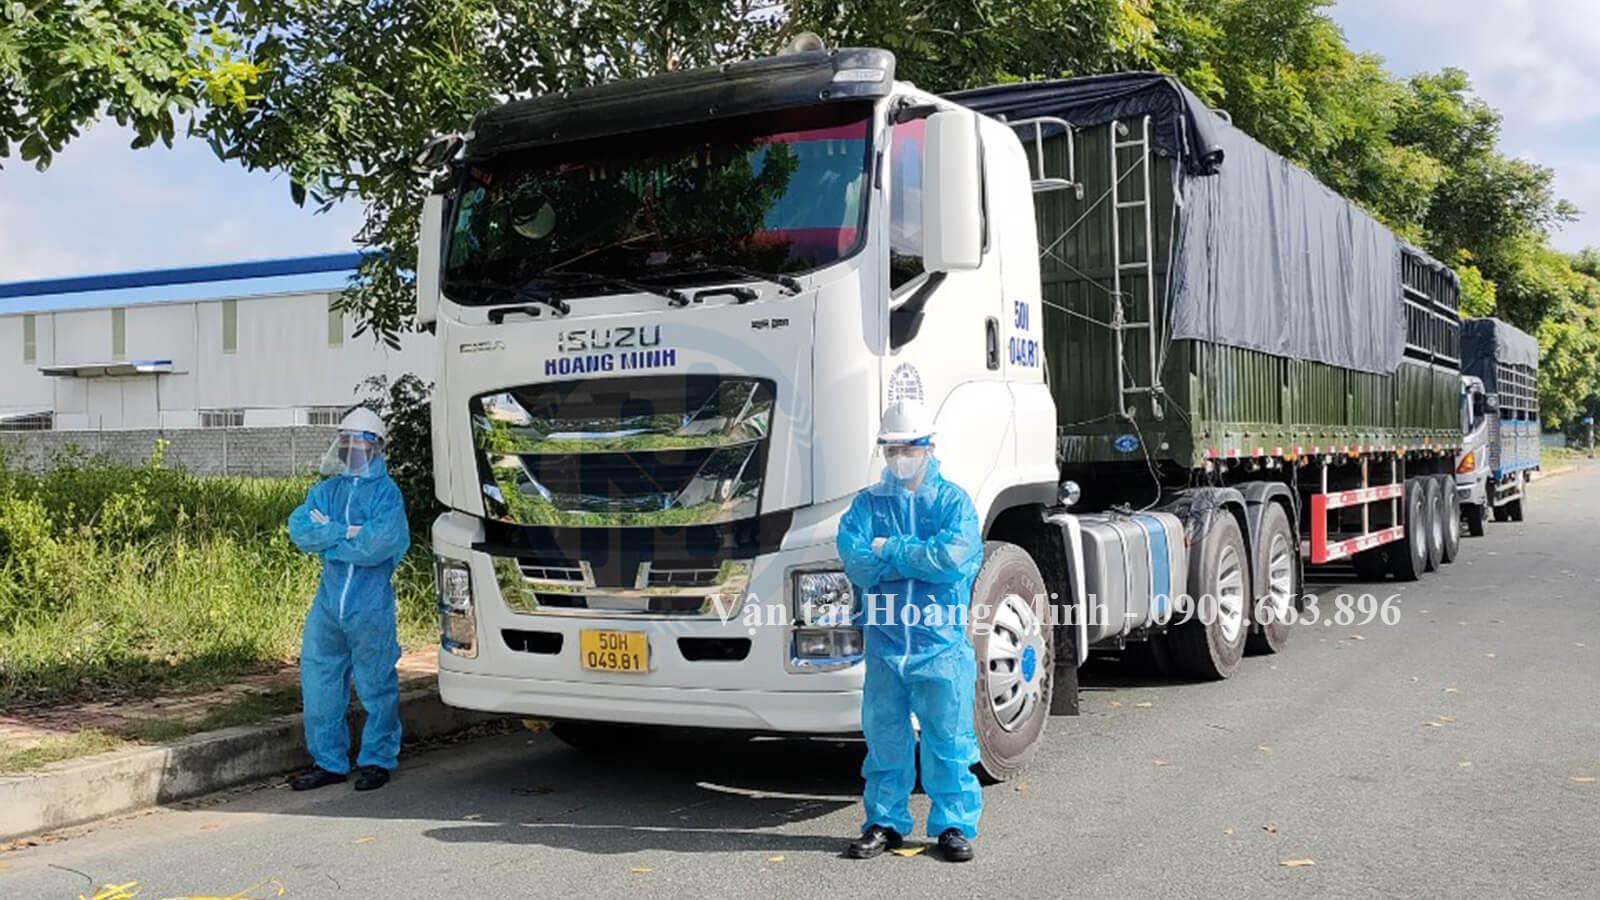 Để sử dụng dịch vụ cho thuê xe tải chở hàng Quận 5 Của Vận tải Hoàng Minh, khách hàng cần làm gì